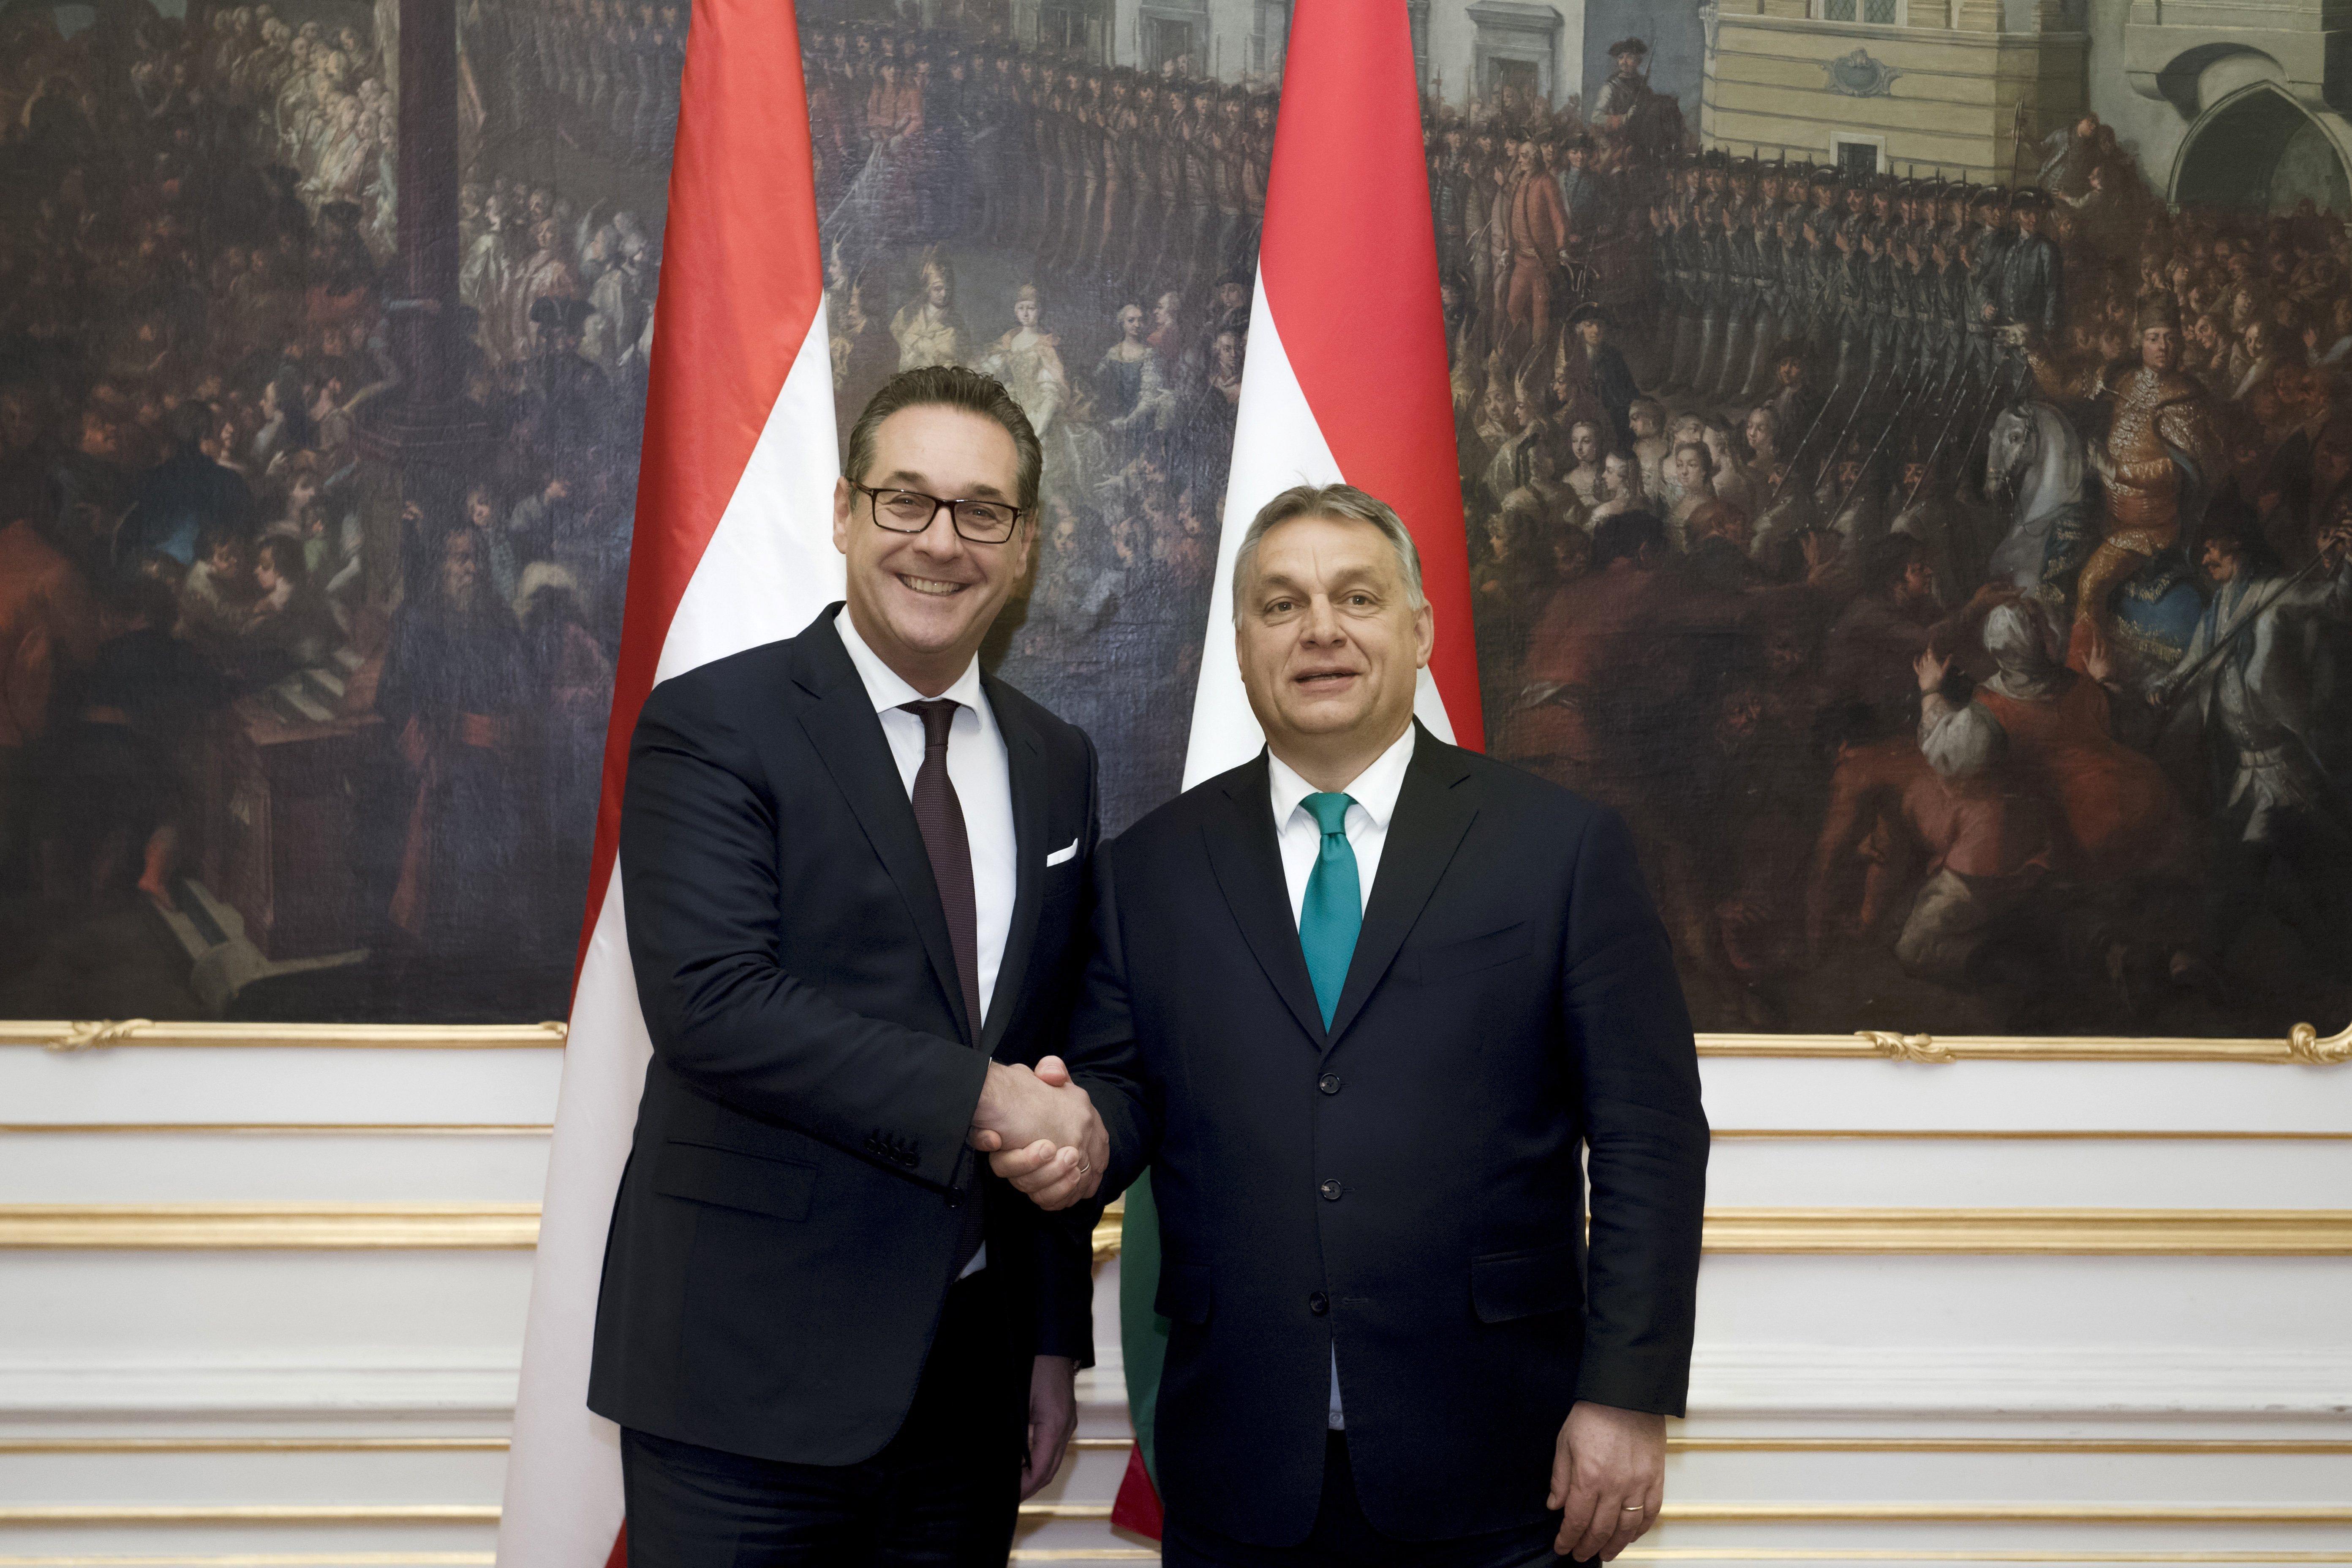 Korábban nem engedték neki, de most végre találkozott az osztrák szélsőjobb vezérével Orbán Viktor